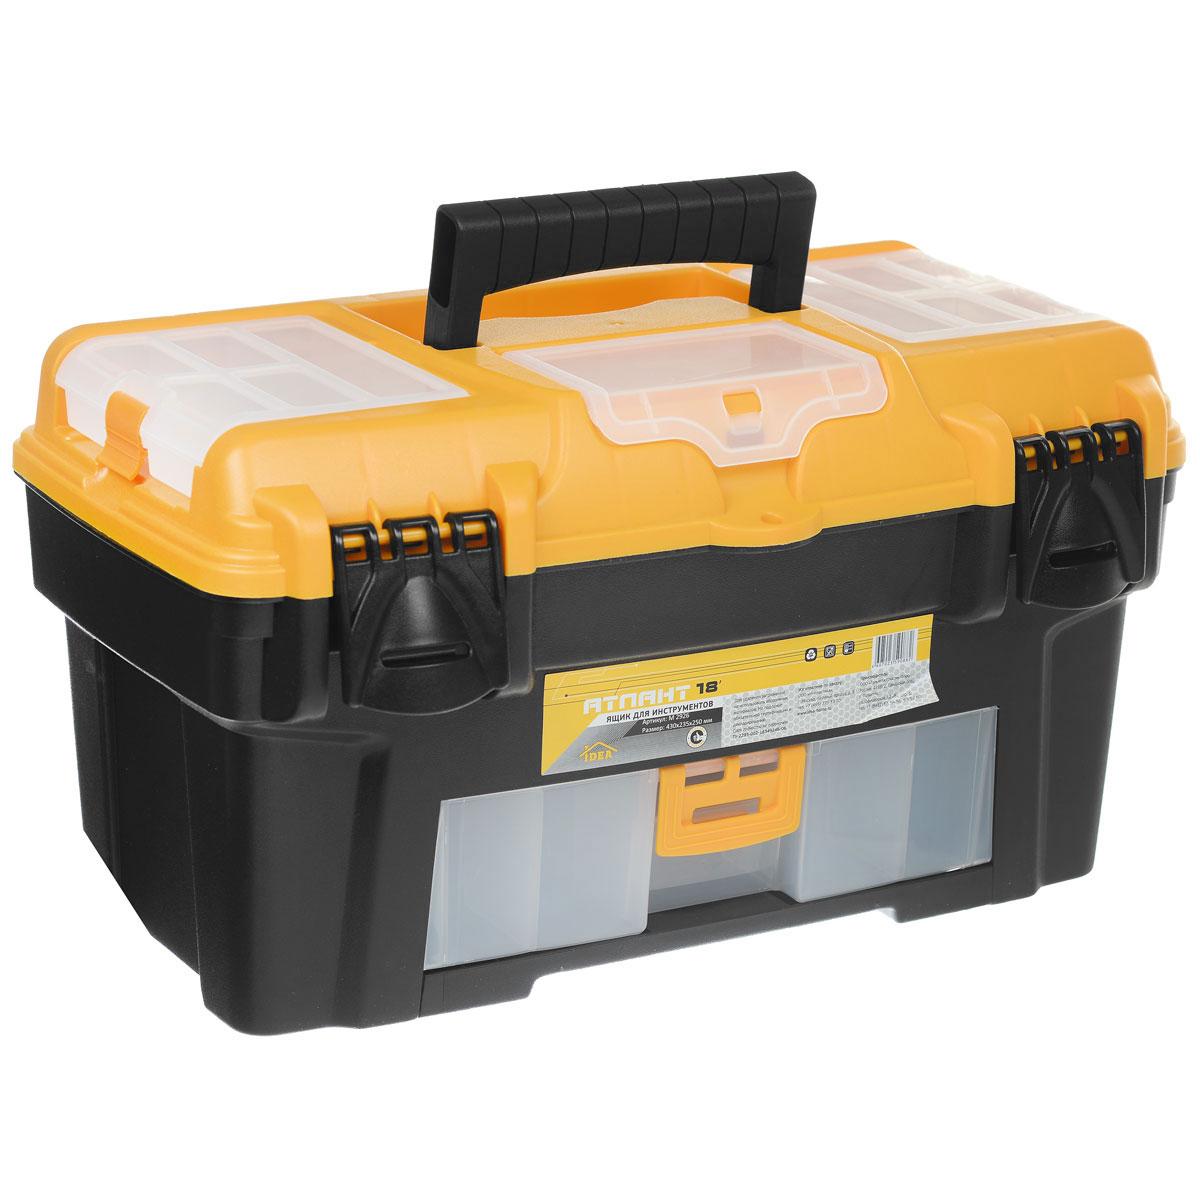 Ящик для инструментов Idea Атлант 18, со съемным органайзером, 43 см х 23,5 см х 25 смМ 2926Ящик Idea Атлант 18 изготовлен из прочного пластика и предназначен для хранения и переноски инструментов. Вместительный, внутри имеет большое главное отделение. В комплект входит съемный лоток с ручкой для инструментов. На лицевой стороне ящика находится органайзер. Крышка оснащена двумя съемными органайзерами и отделением для хранения бит. Ящик закрывается при помощи крепких защелок, которые не допускают случайного открывания. Для более комфортного переноса в руках, на крышке ящика предусмотрена удобная ручка.